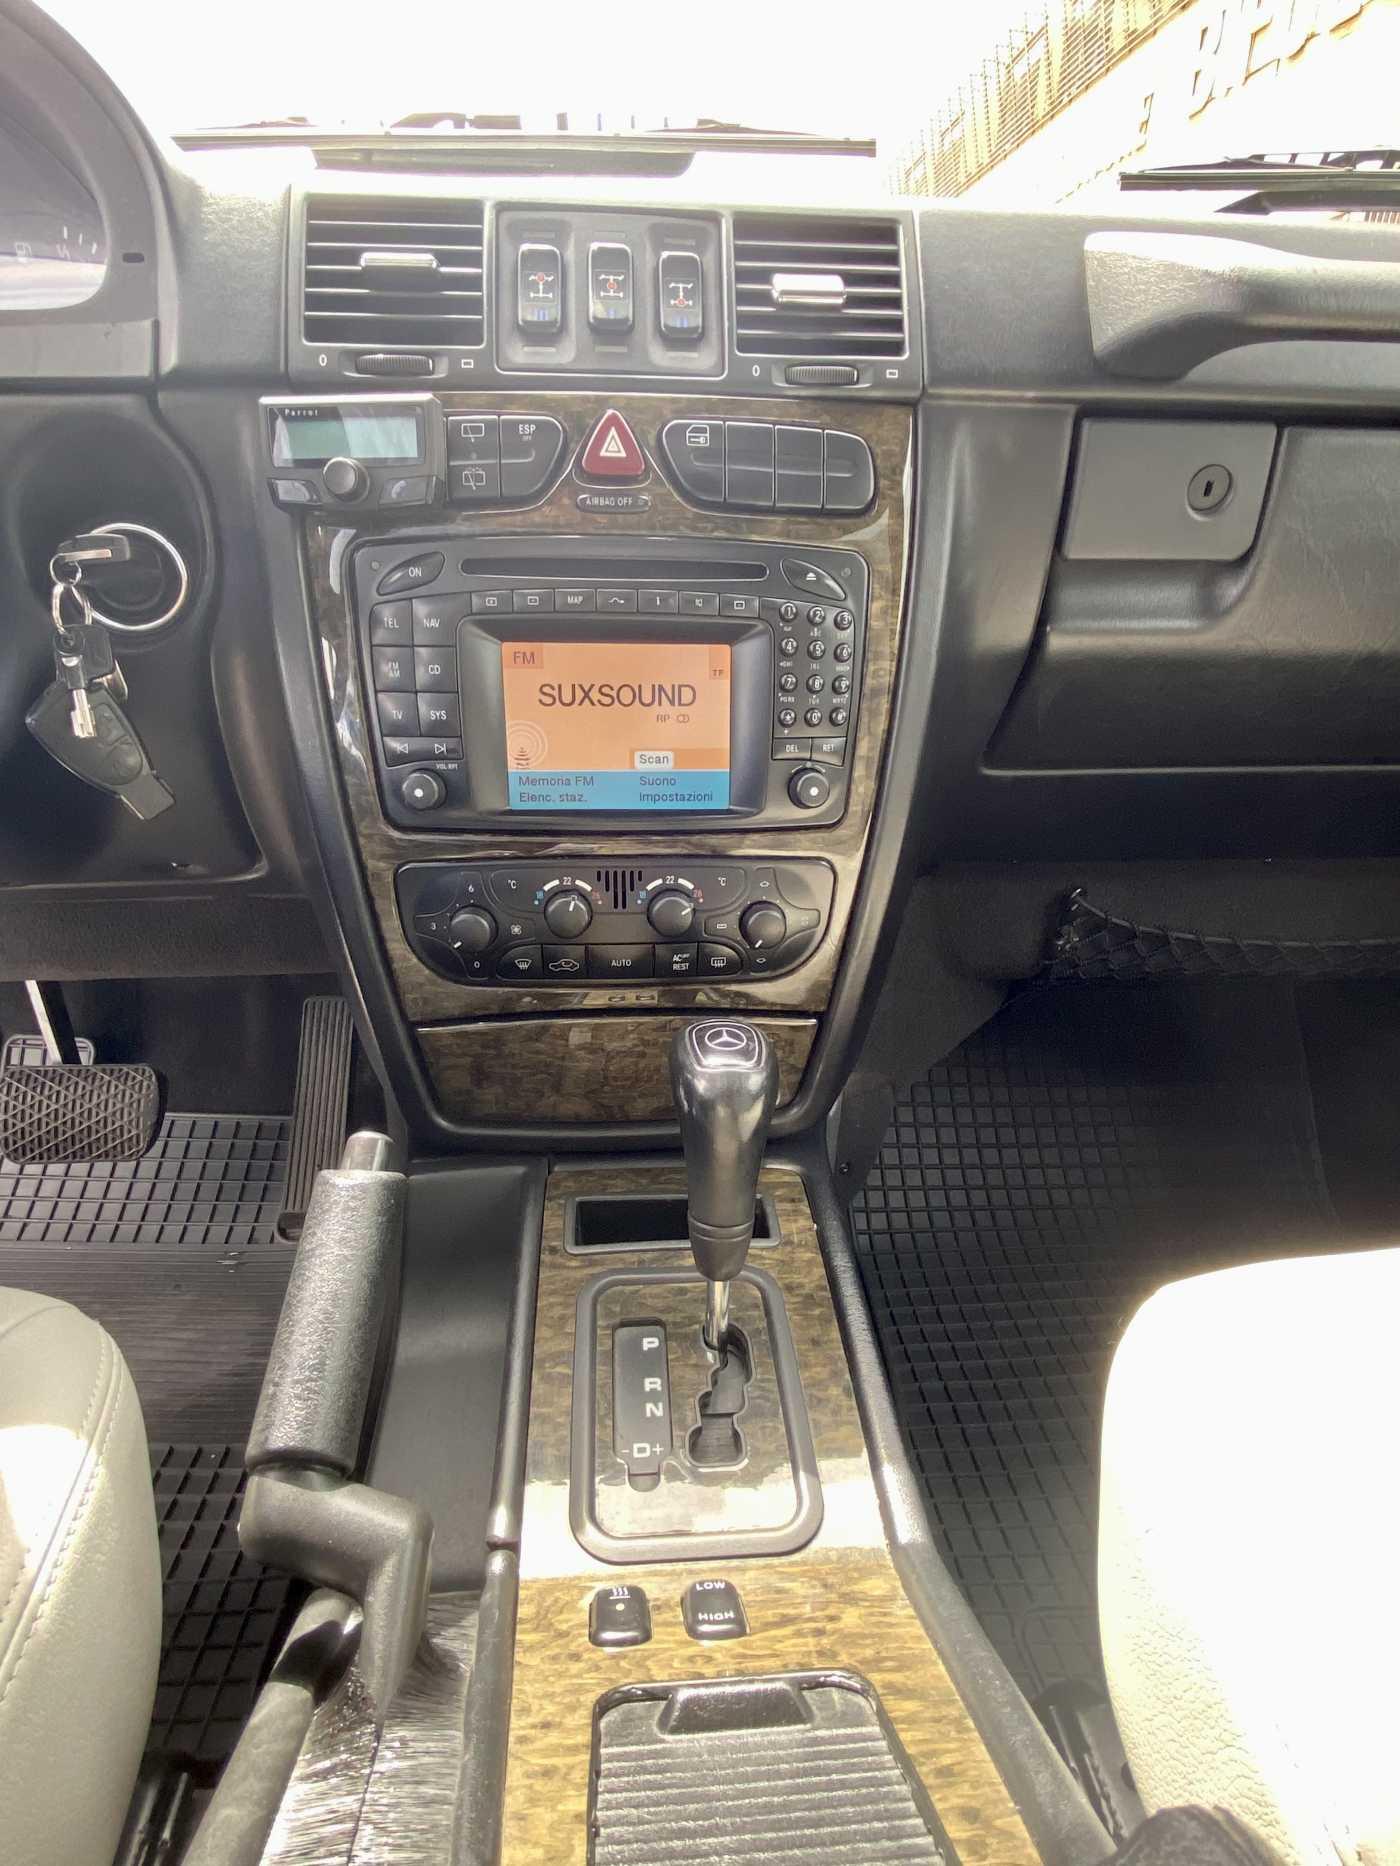 Mercedes-Benz - Classe G 270 passo lungo 7P AUT usata in Sardegna - Concessionaria ufficiale Audi Catte Auto Cagliari